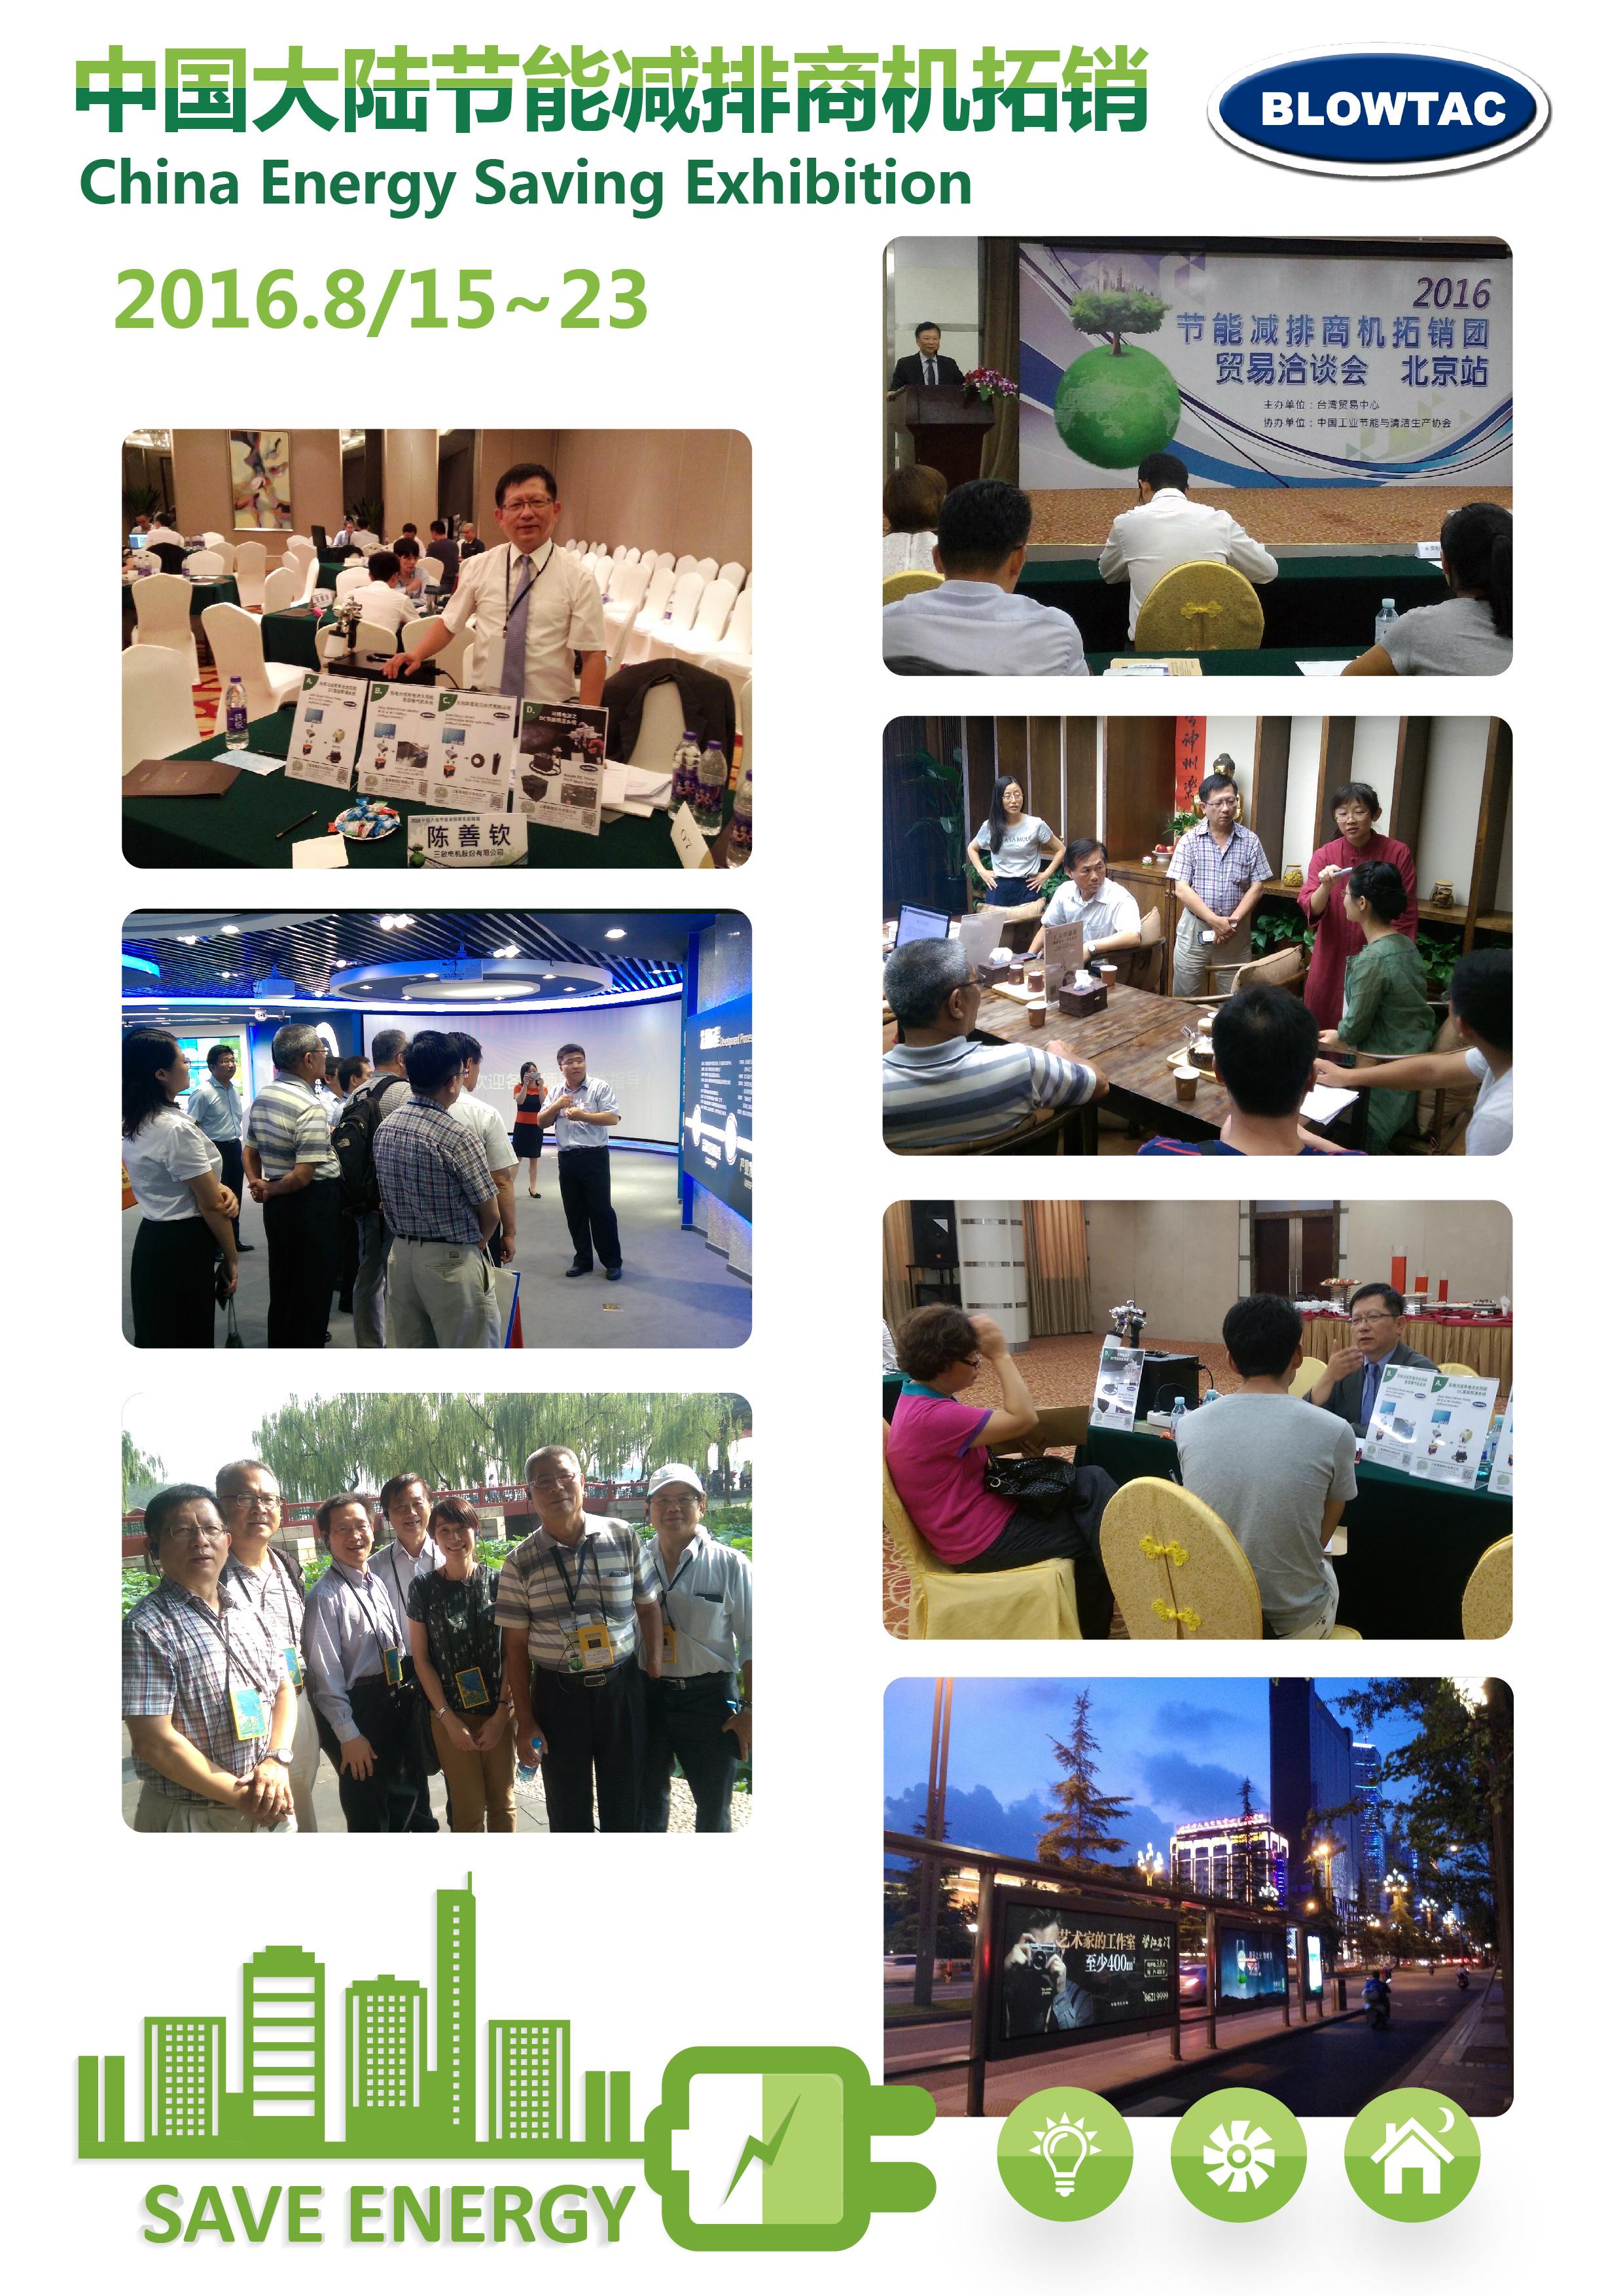 China Energy Saving Exhibition